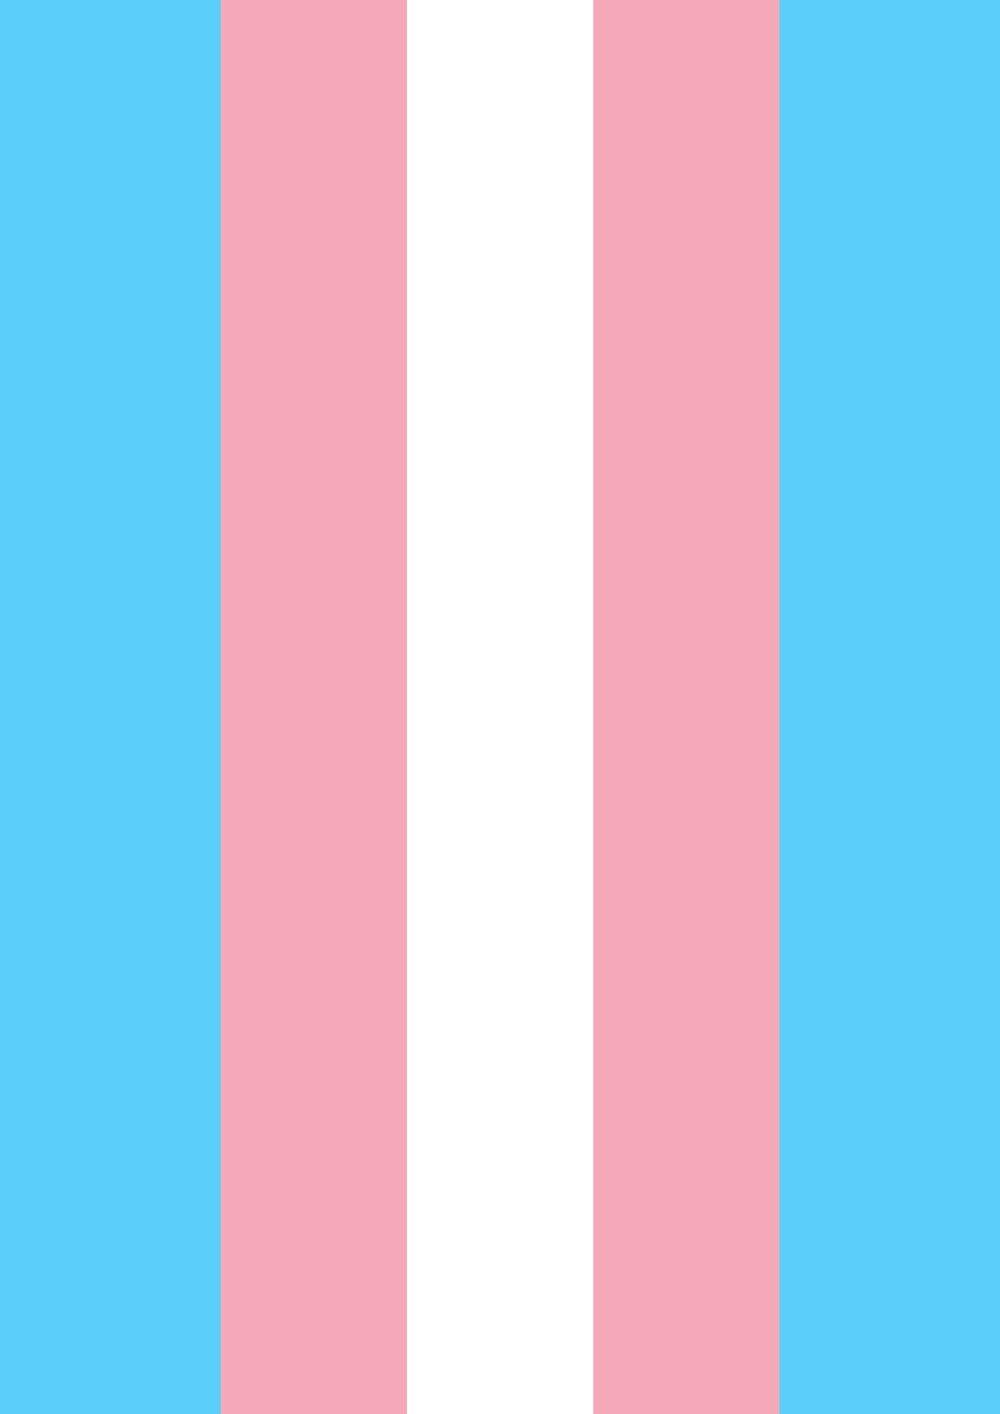 Toland Home Garden Transgender Pride 12.5 x 18 Inch Decorative Pink Blue White Stripe Support Garden Flag